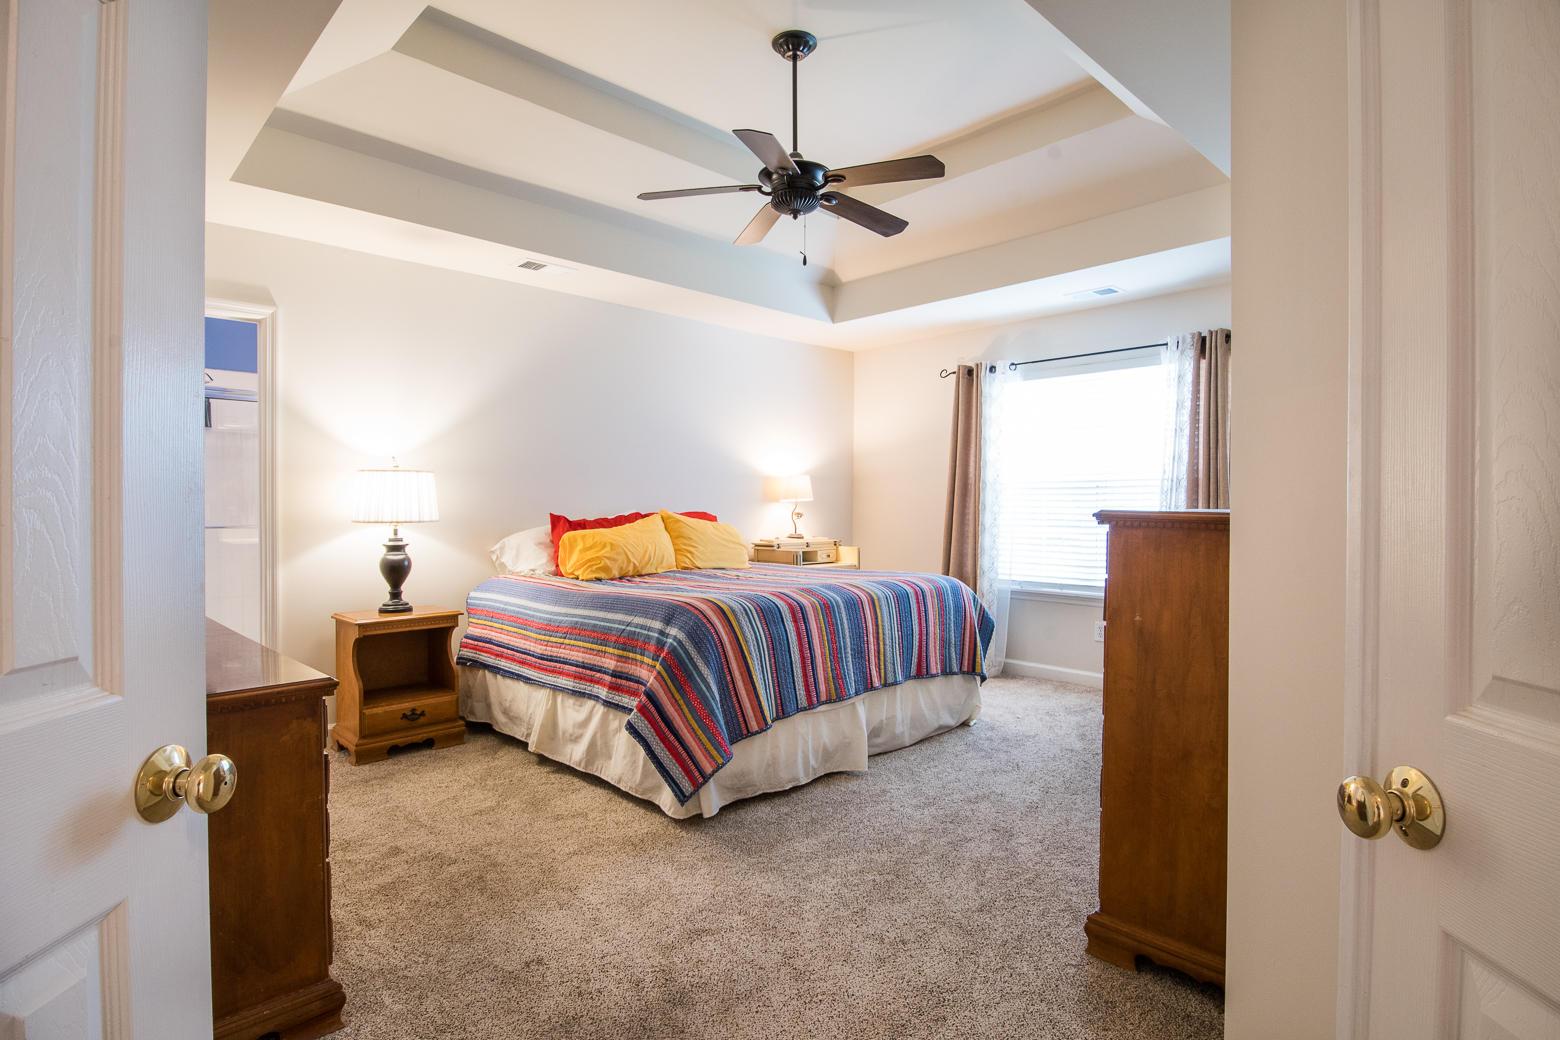 Dunes West Homes For Sale - 1111 Black Rush, Mount Pleasant, SC - 30